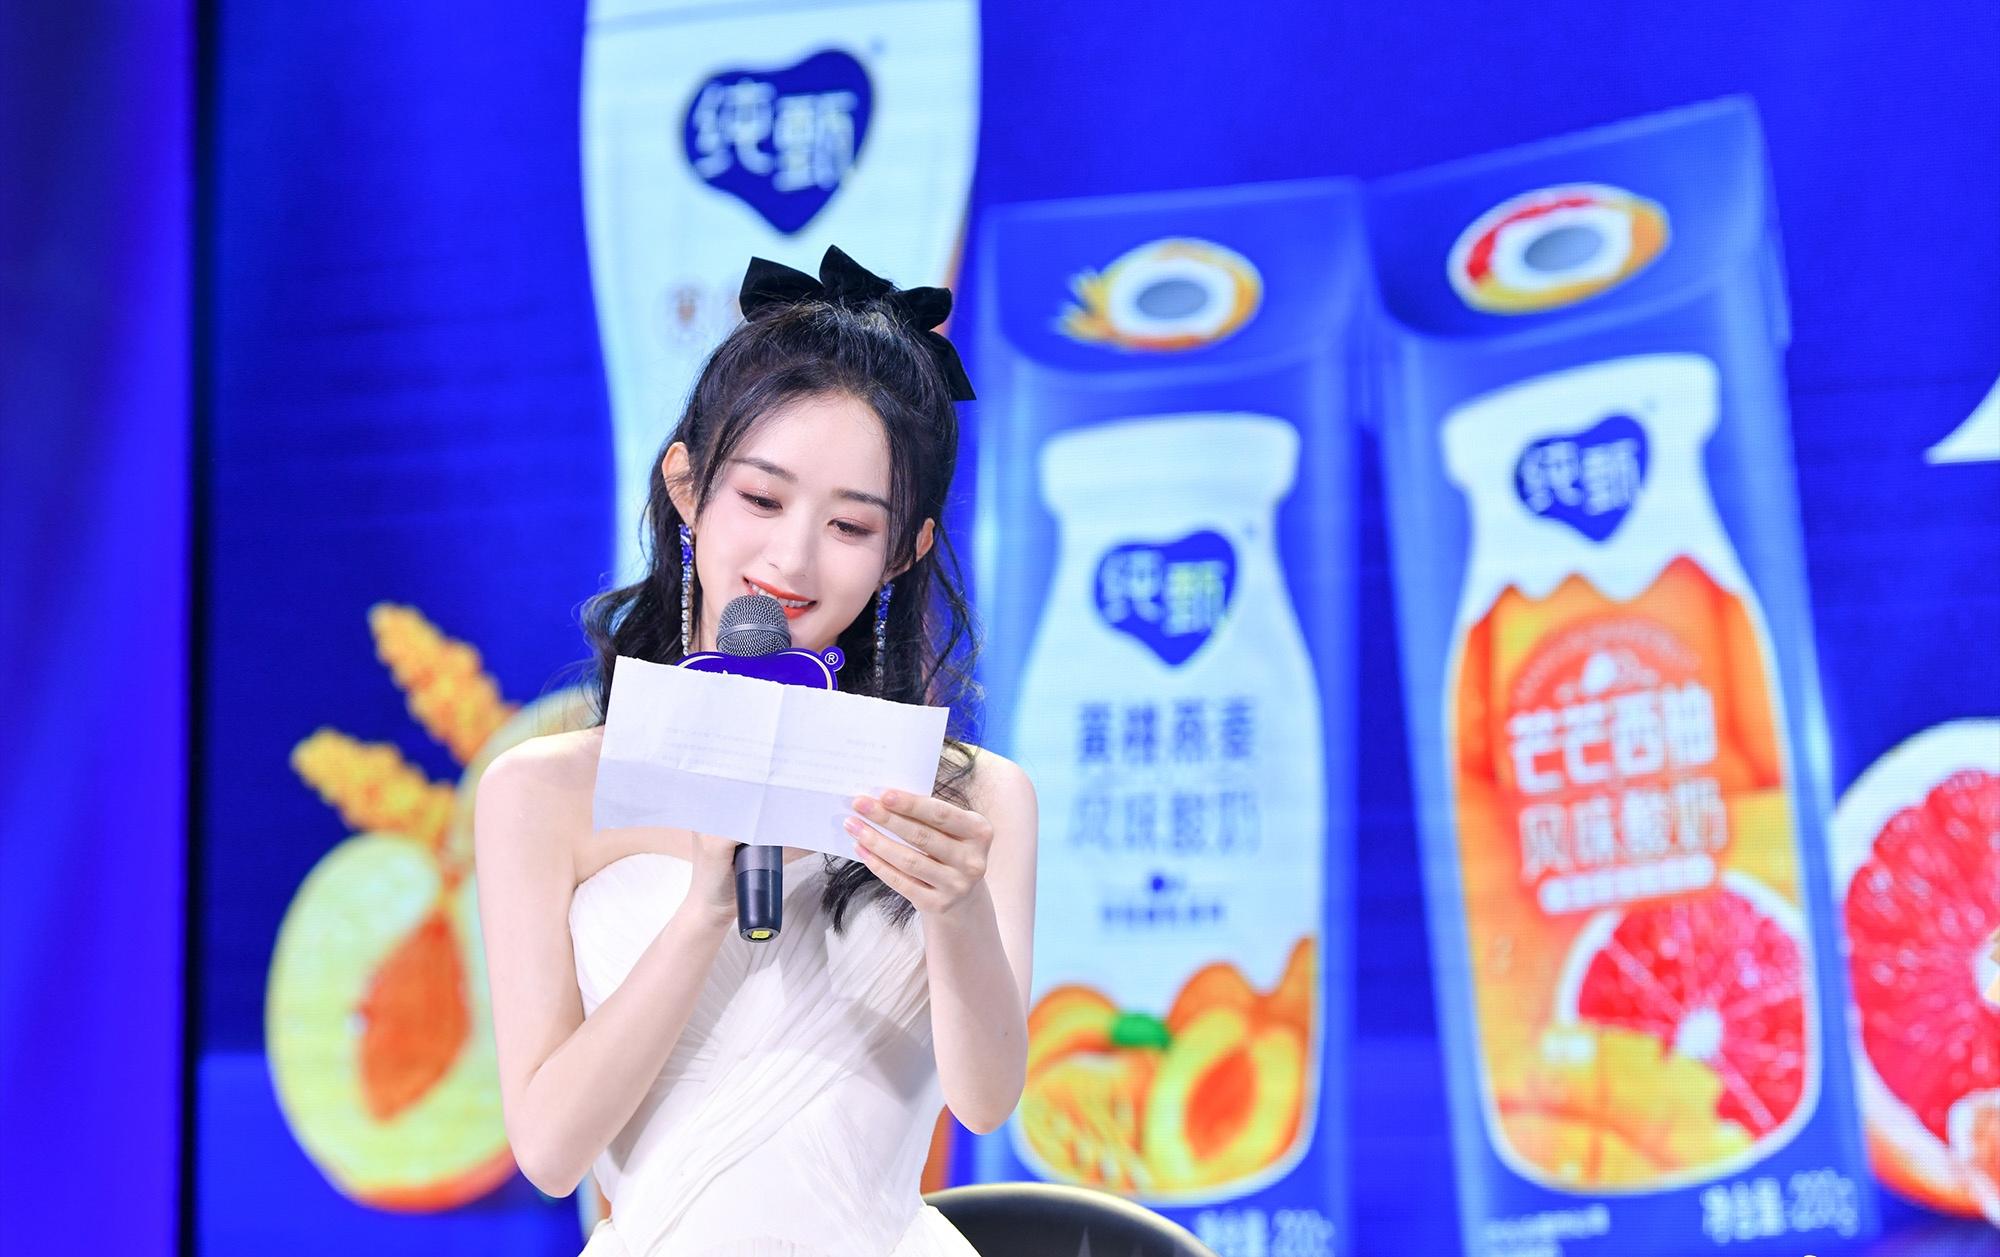 [新闻]210607 赵丽颖西安见面会美图九宫格get 没有什么是美女不能治愈的